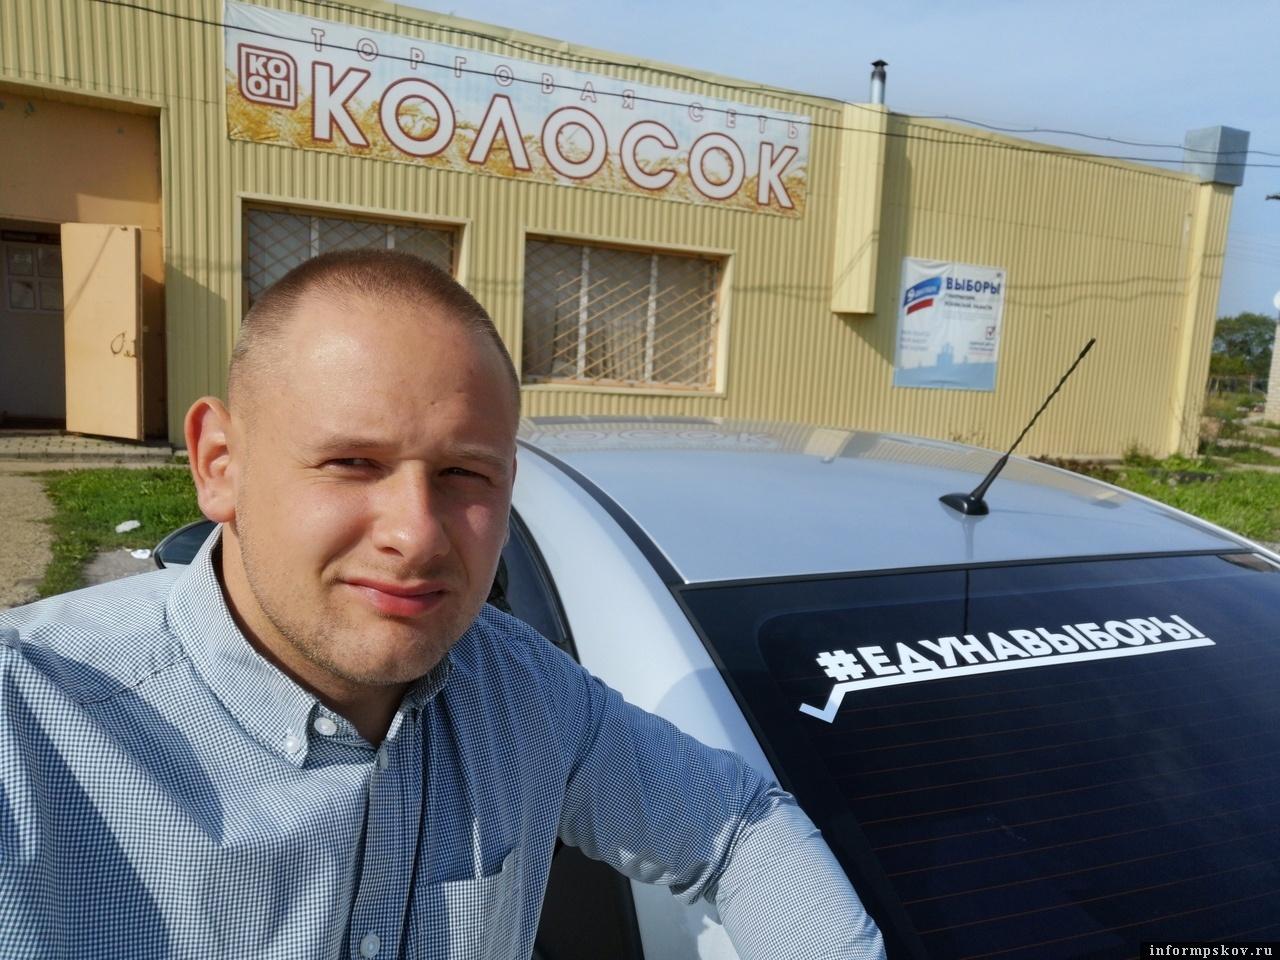 Владимир Килюшев. Фото из социальной сети